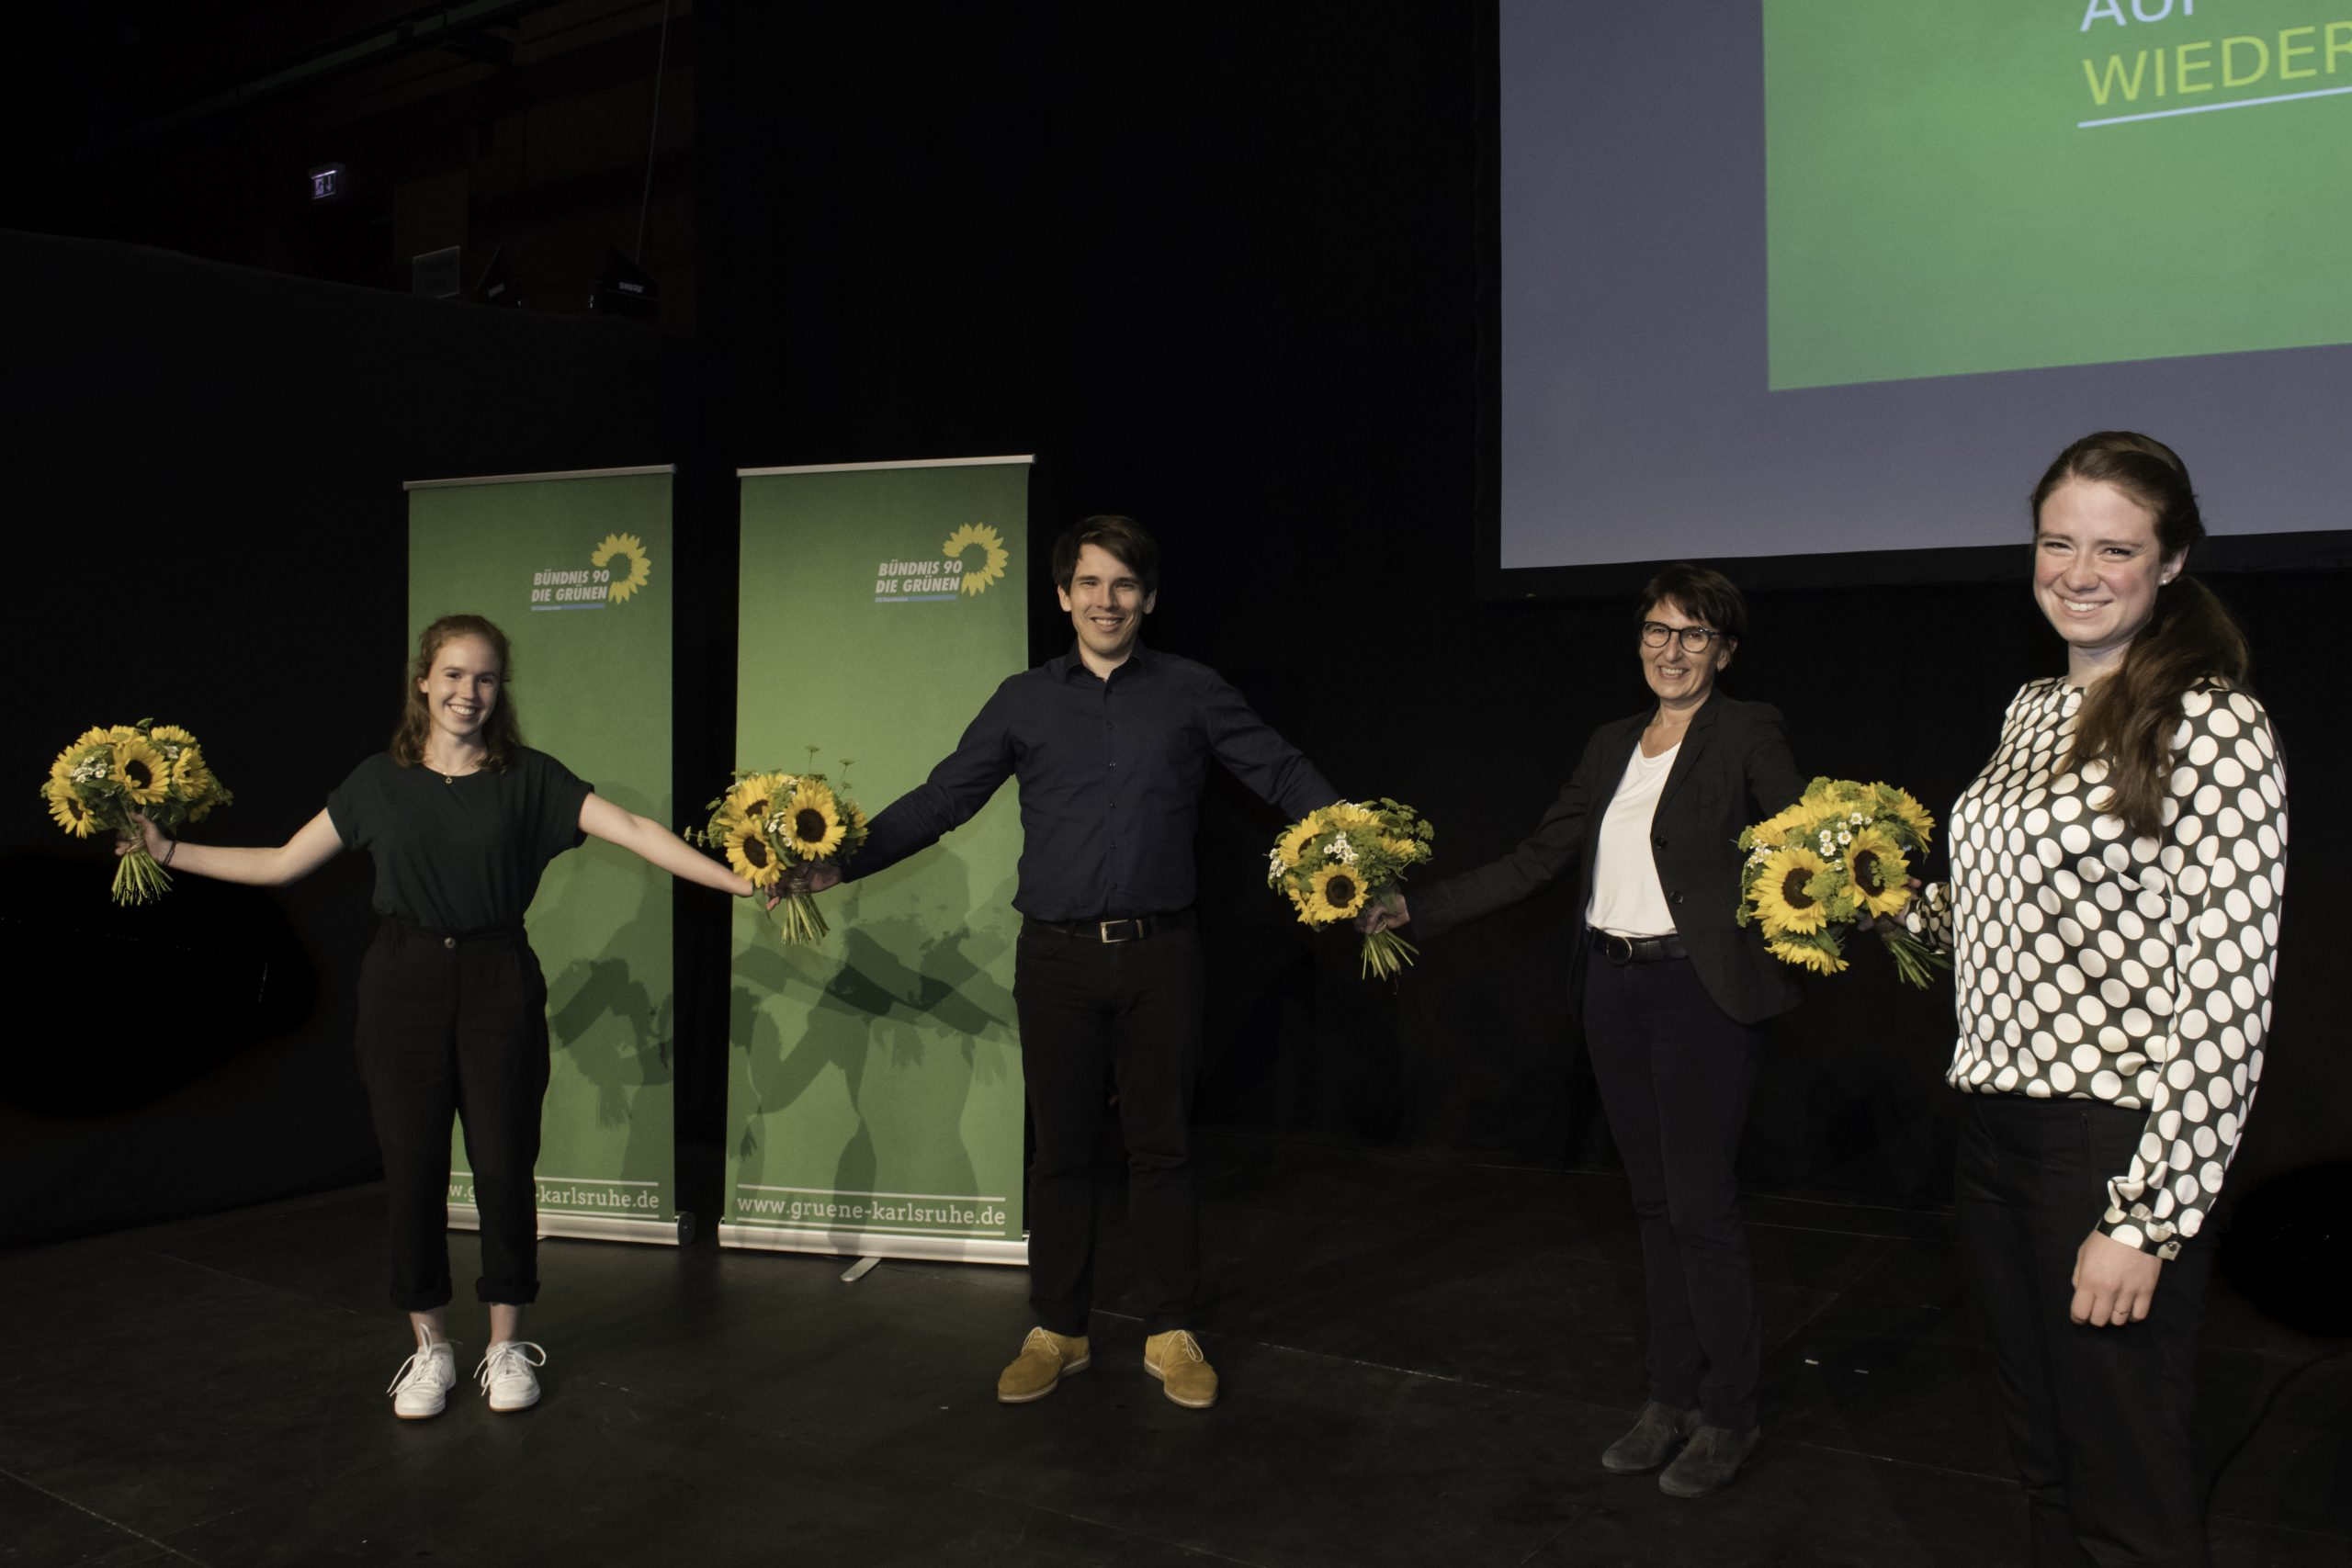 Erfolgreiche Nominierung der Kandidierenden zur Landtagswahl 2021 für Karlsruhe Ost und Karlsruhe West – Pressemitteilung